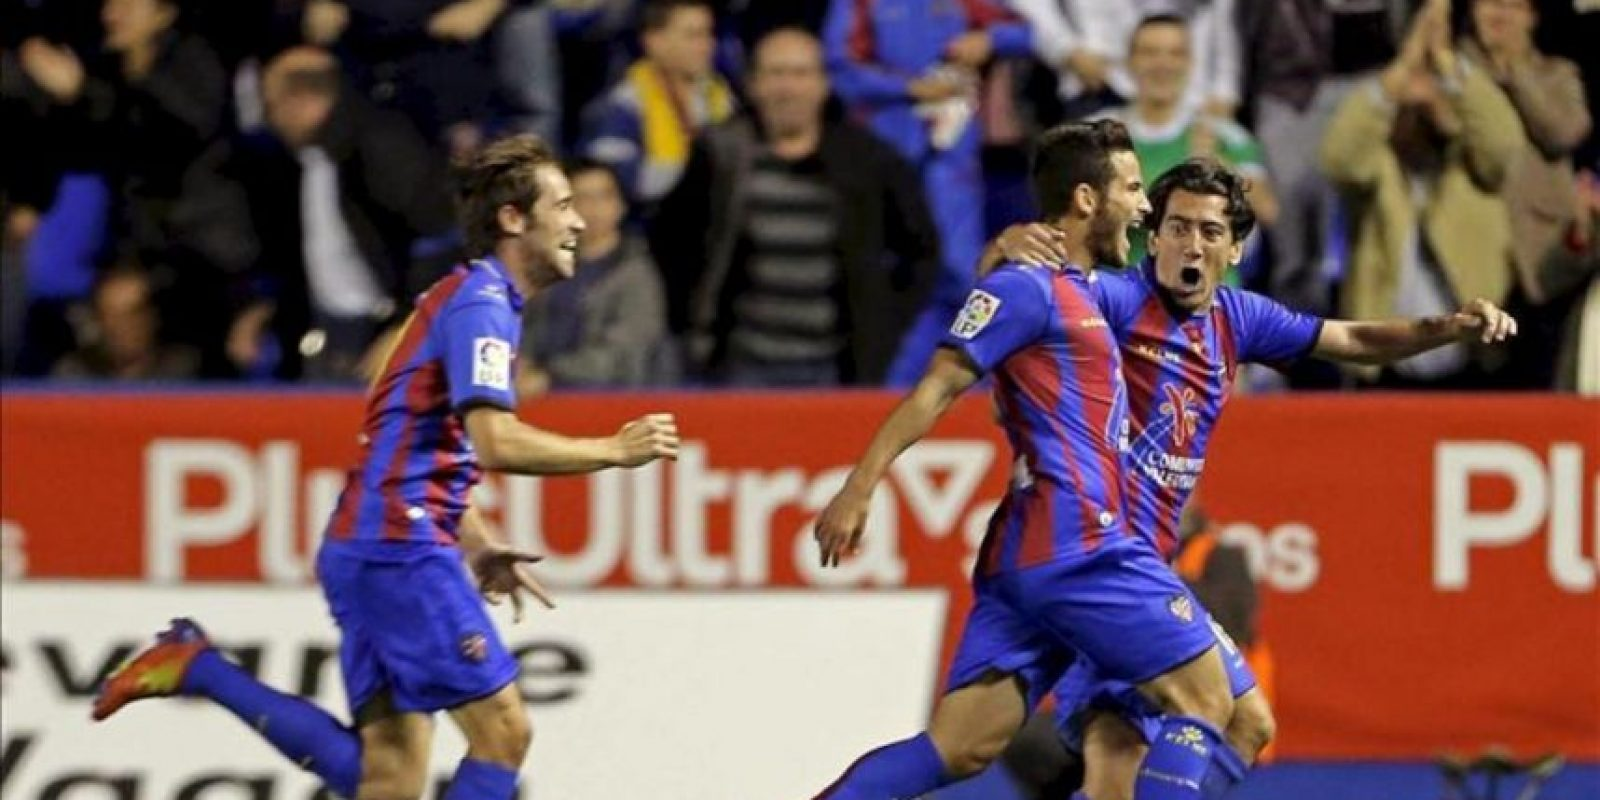 Los jugadores del Levante UD, (i-d) Michel, Rubén y Pedro Ríos, celebran el primer gol del equipo levantinista, durante el encuentro correspondiente a la jornada 29 de primera división en el estadio Ciutat de Valéncia. EFE